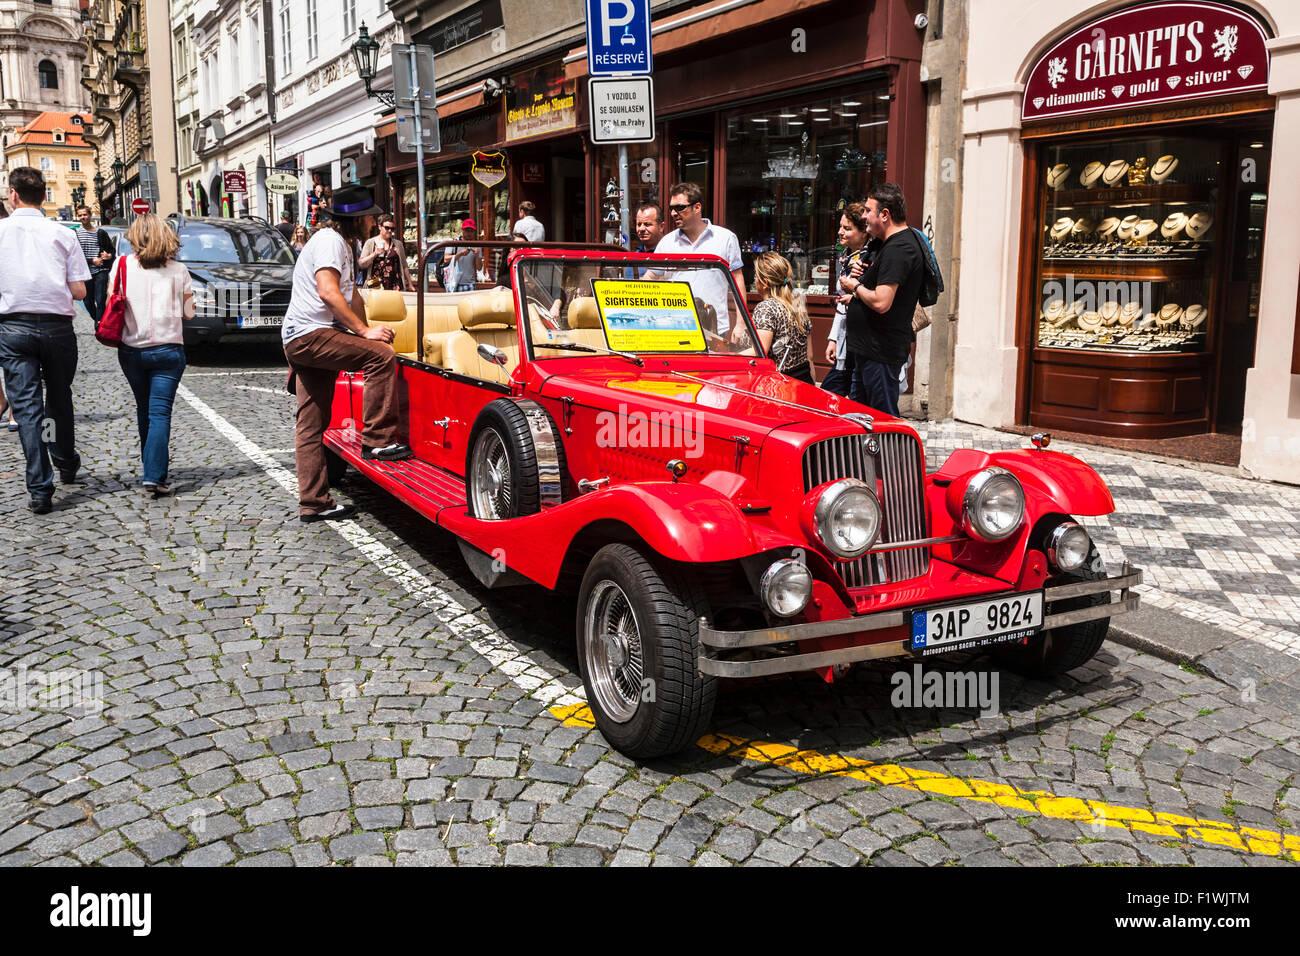 Estilo retro coche usado para excursiones turísticas, Praga Cezch República. Imagen De Stock